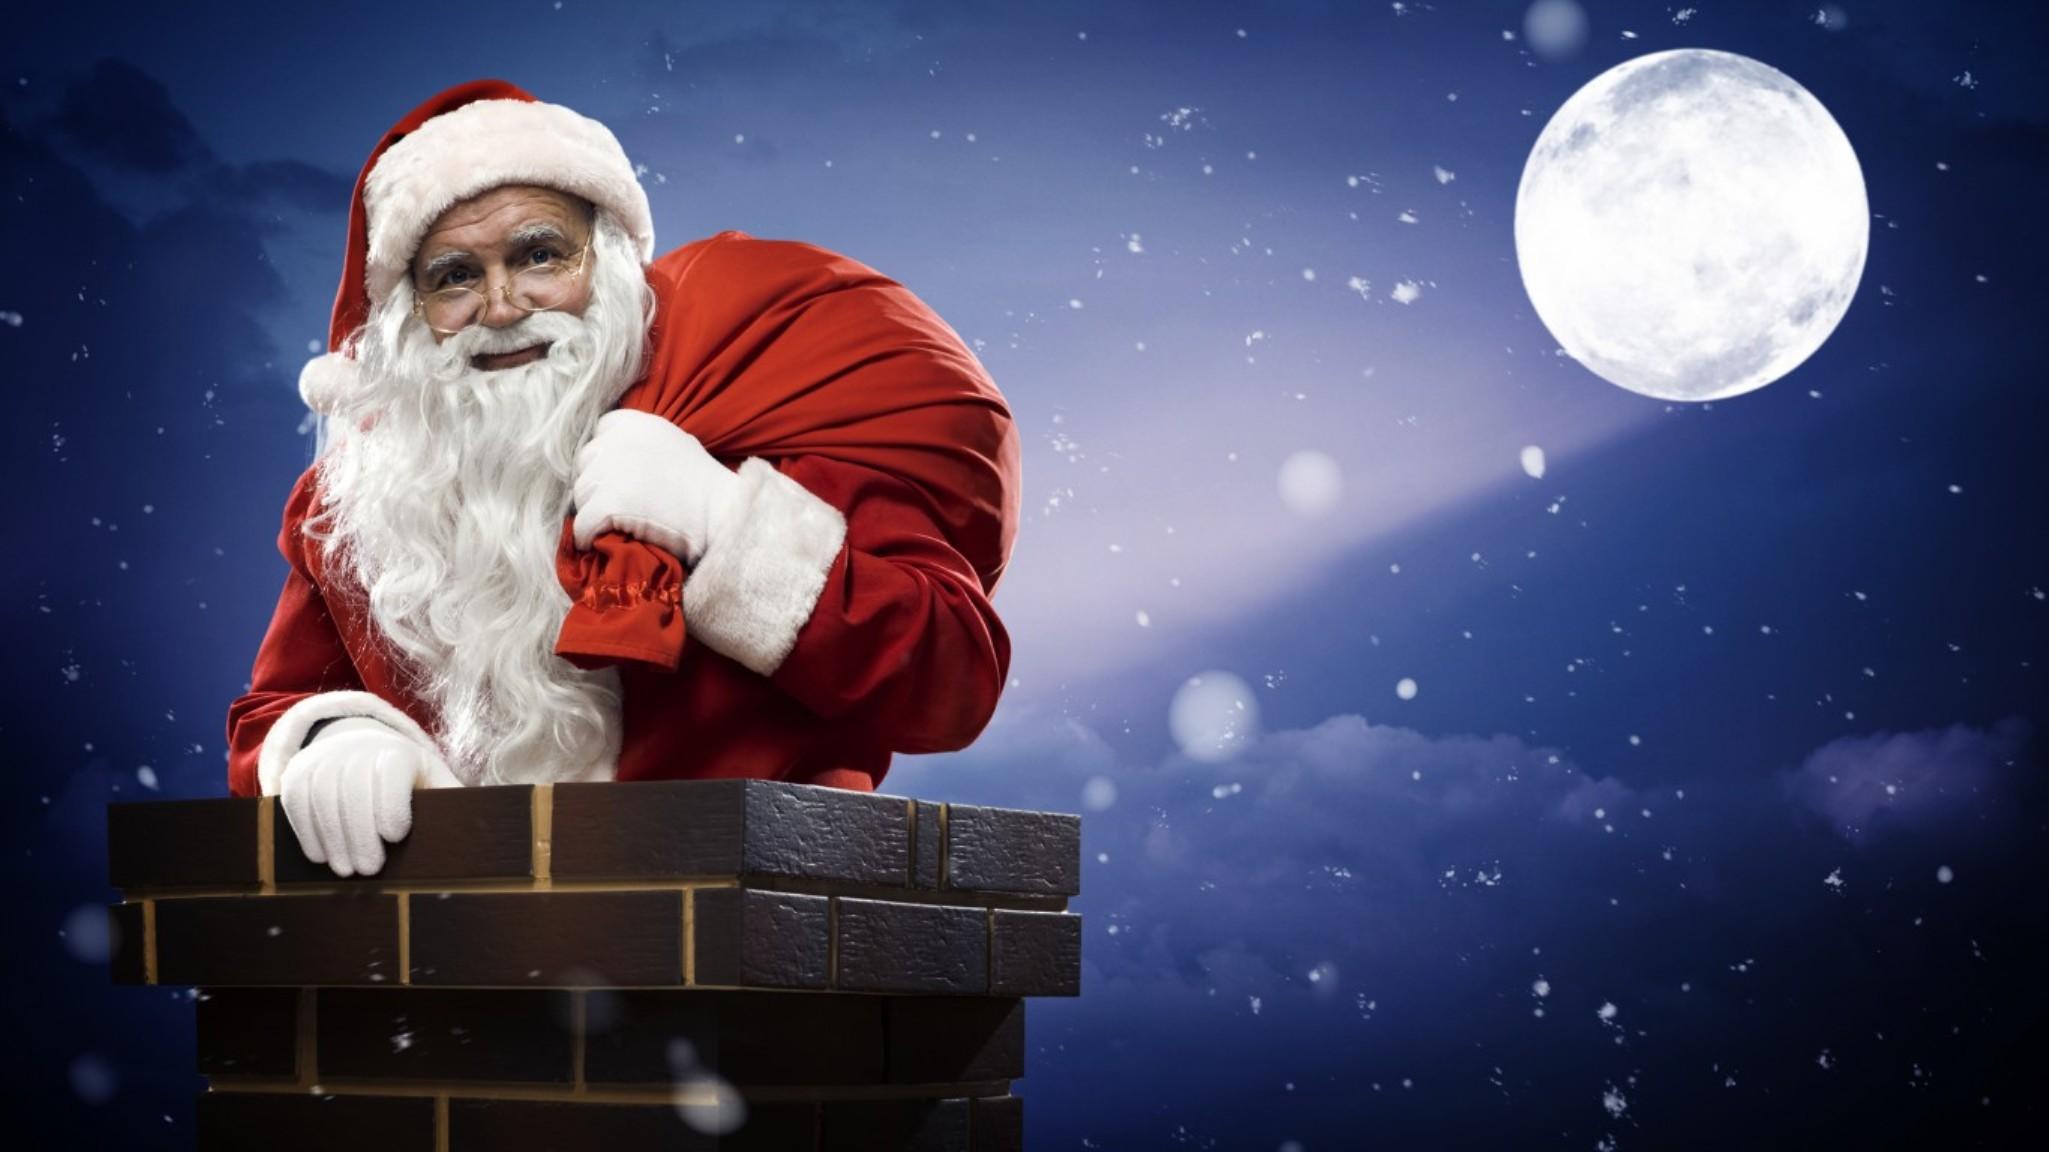 Санта Клаус в трубе - C Новым годом 2020 поздравительные картинки